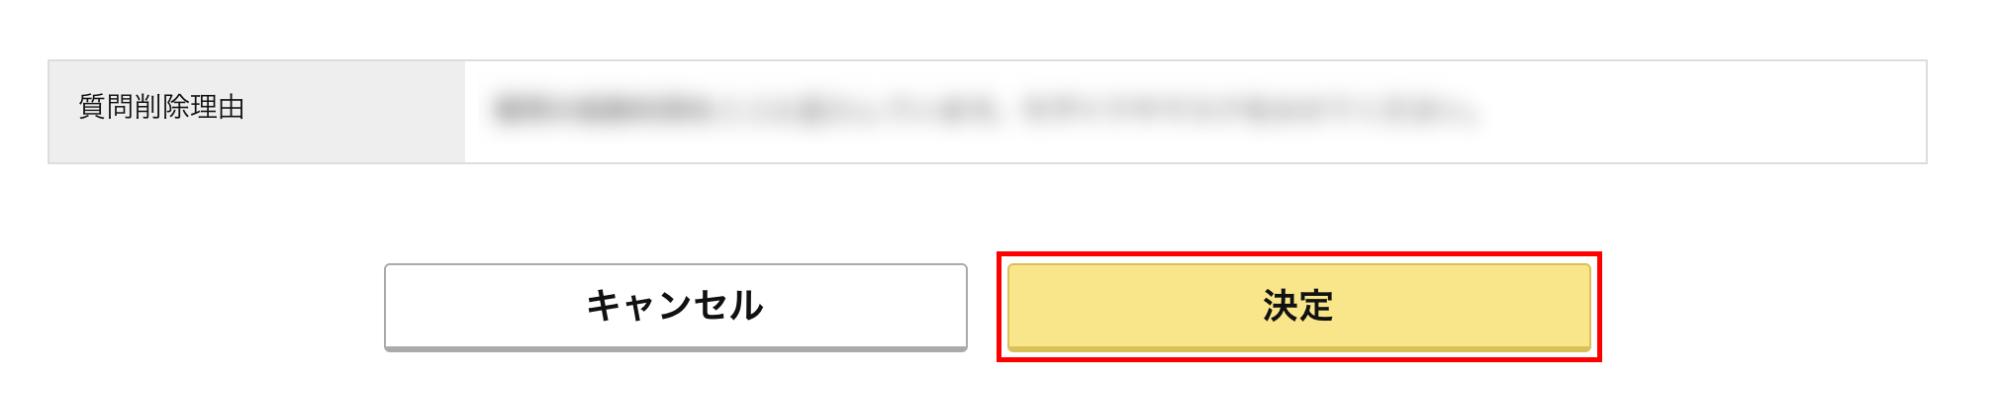 Yahoo知恵袋の質問削除を決定する